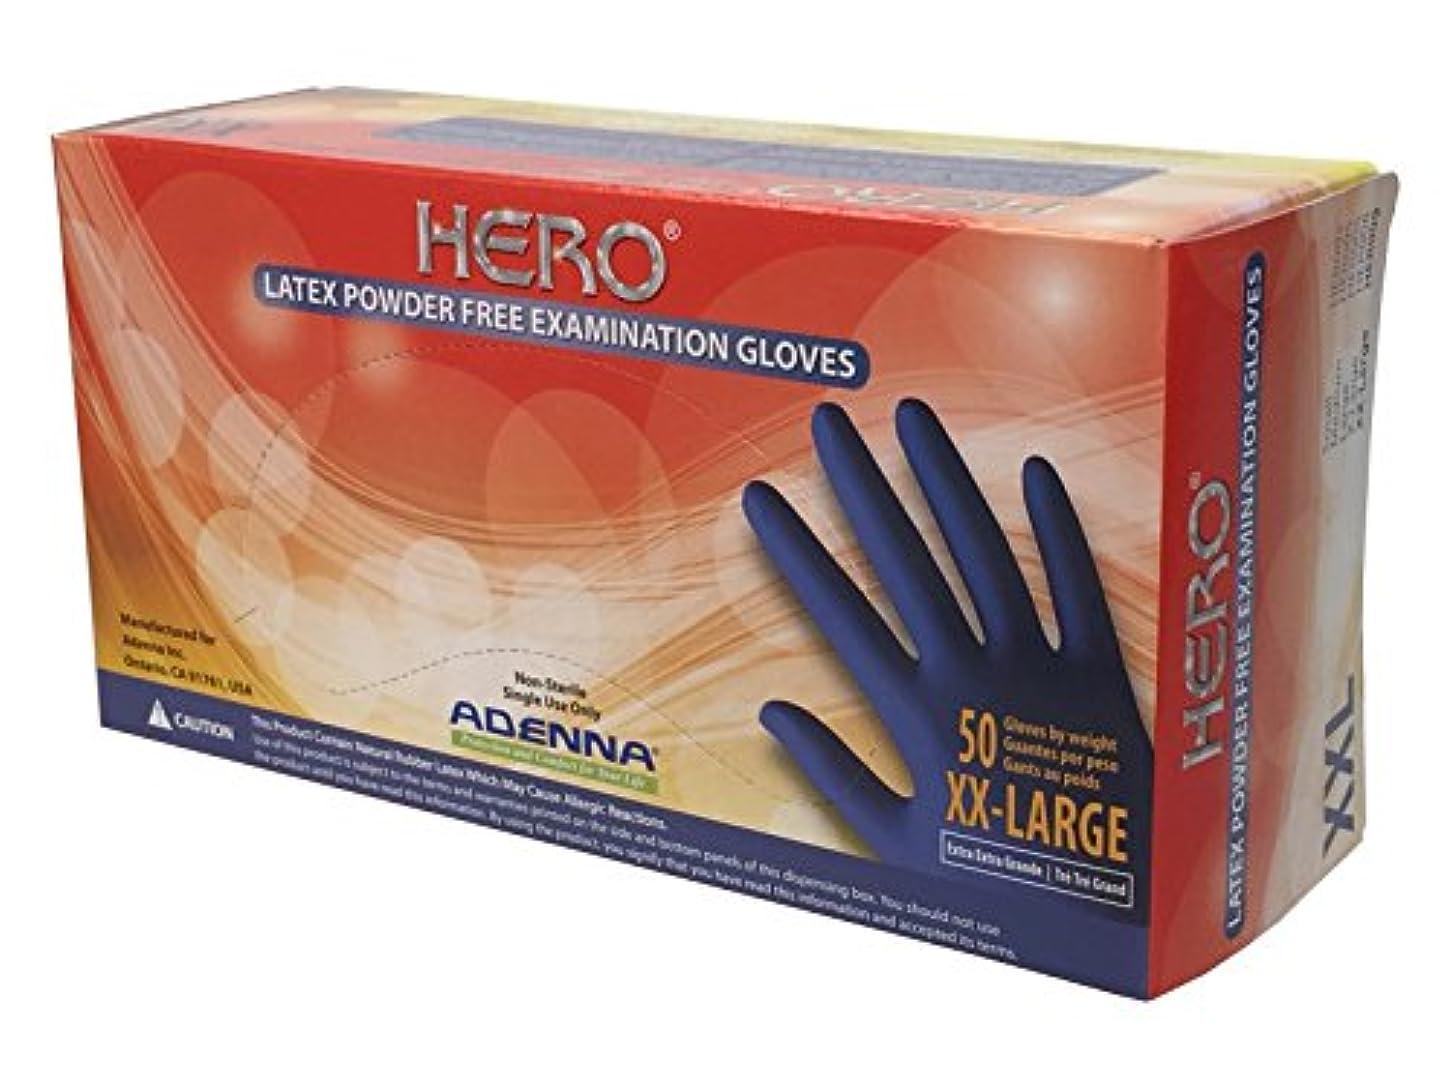 絶壁インタビュー上(XX-Large) - Adenna Hero 14 mil Latex Powder Free Exam Gloves (Blue, XX-Large) Box of 50